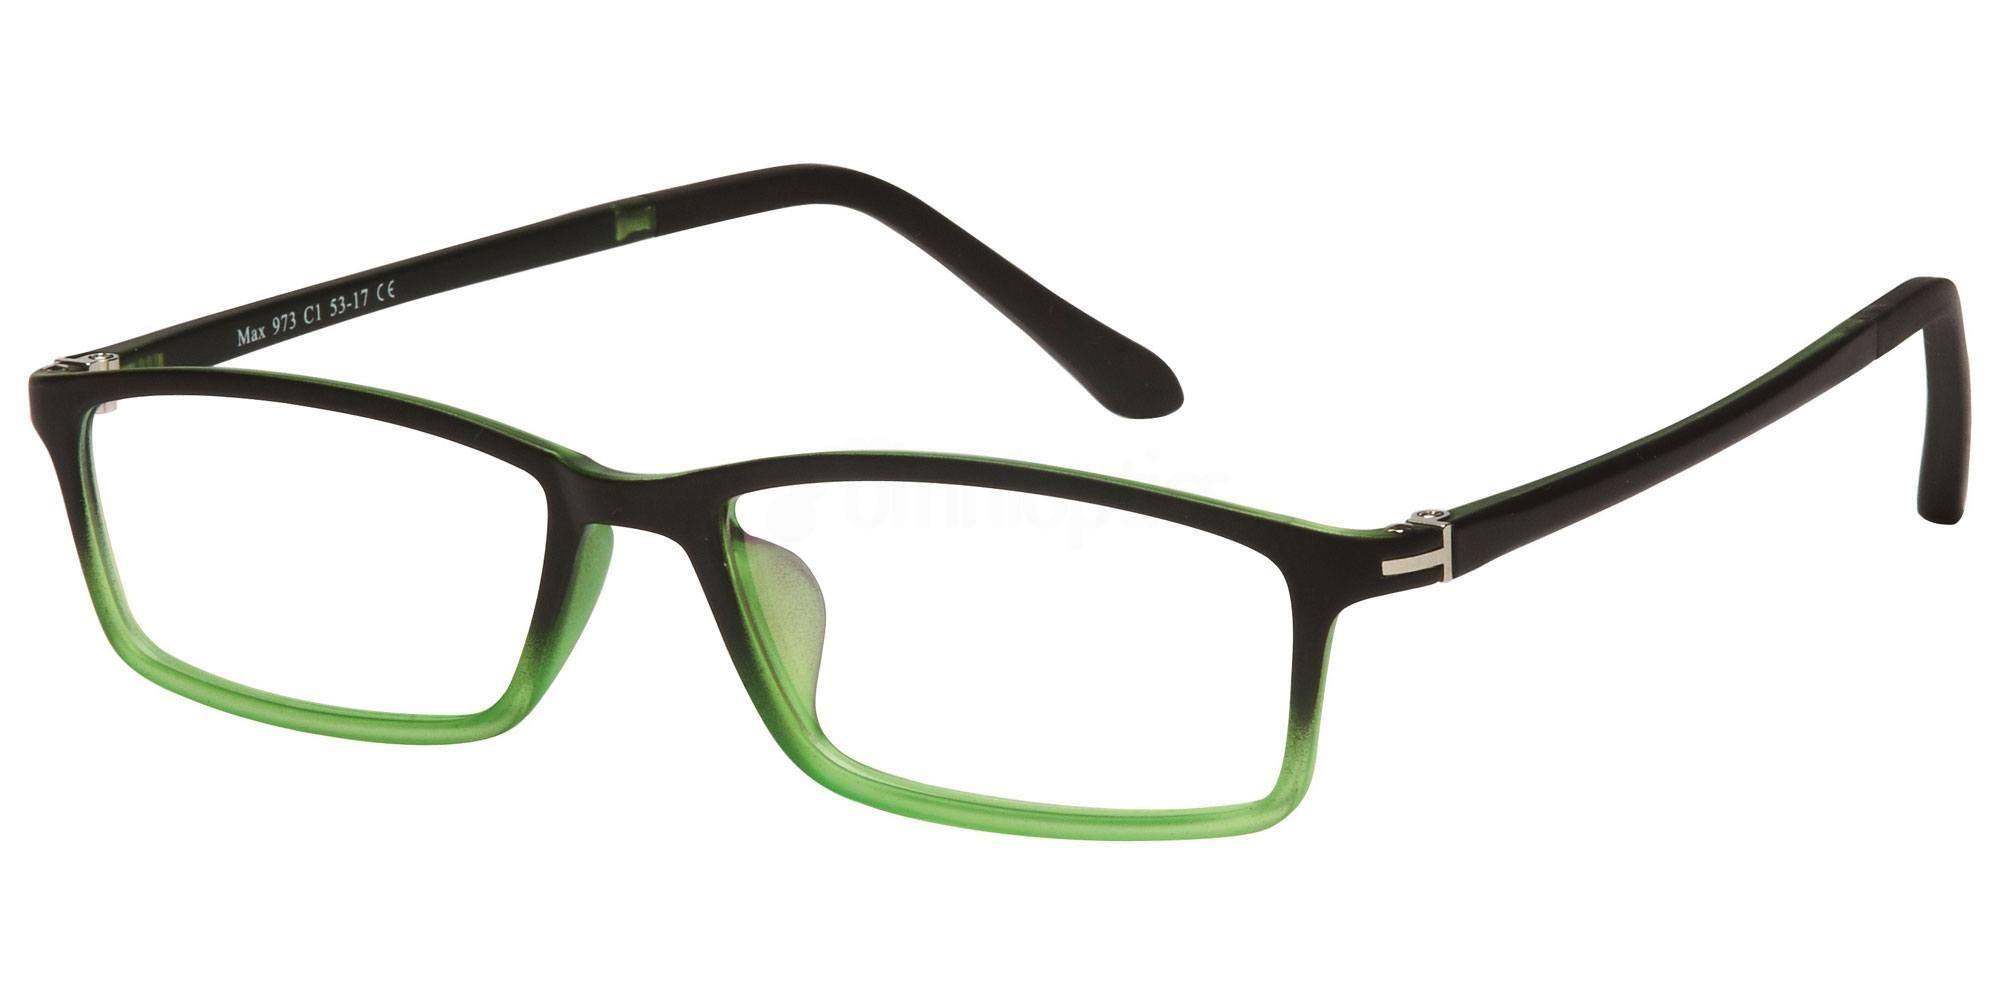 C1 M973 , Max Eyewear